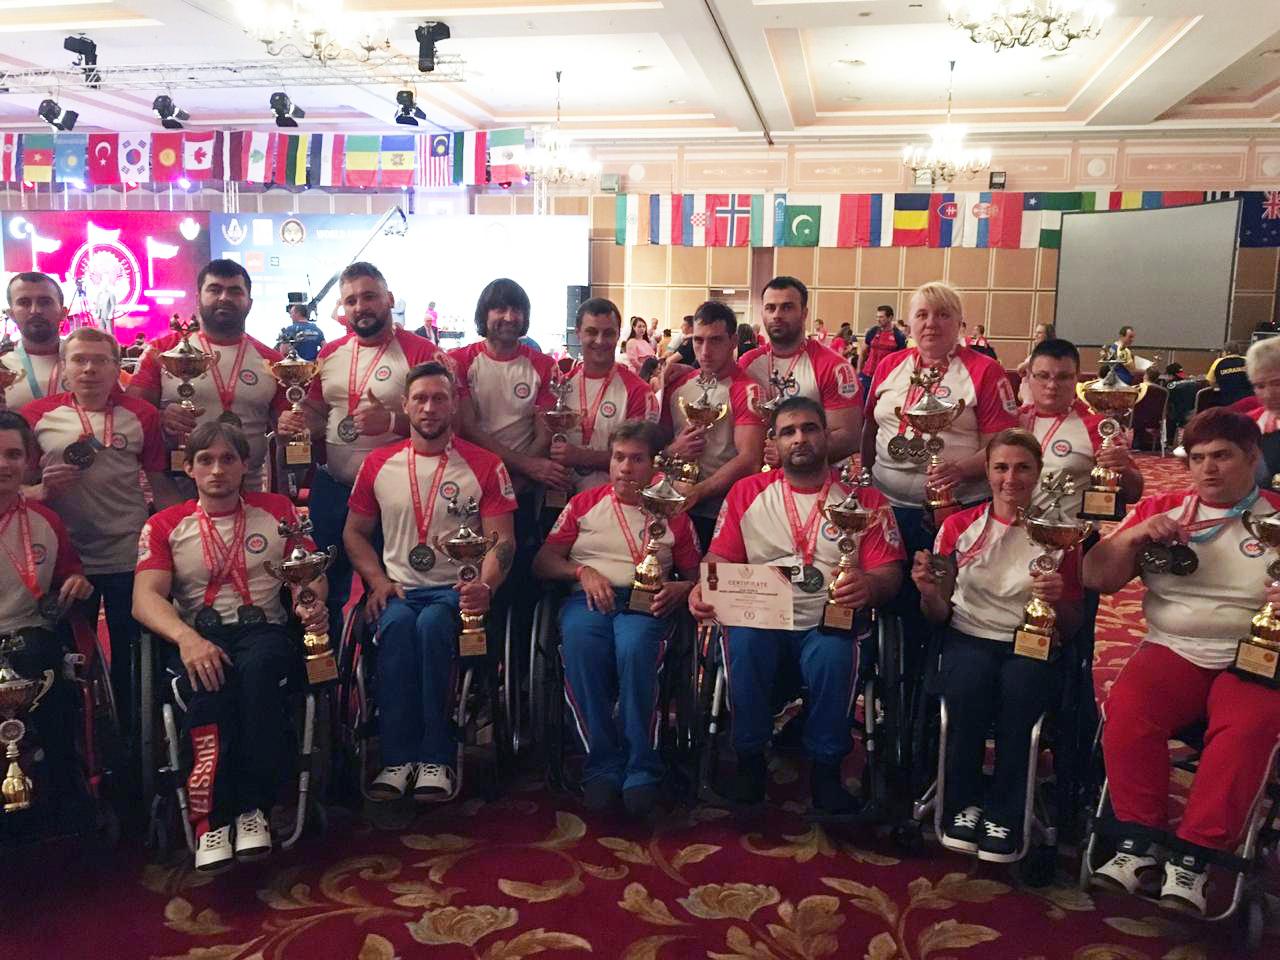 Российские спортсмены одержали командную победу на чемпионате мира по армрестлингу в Турции